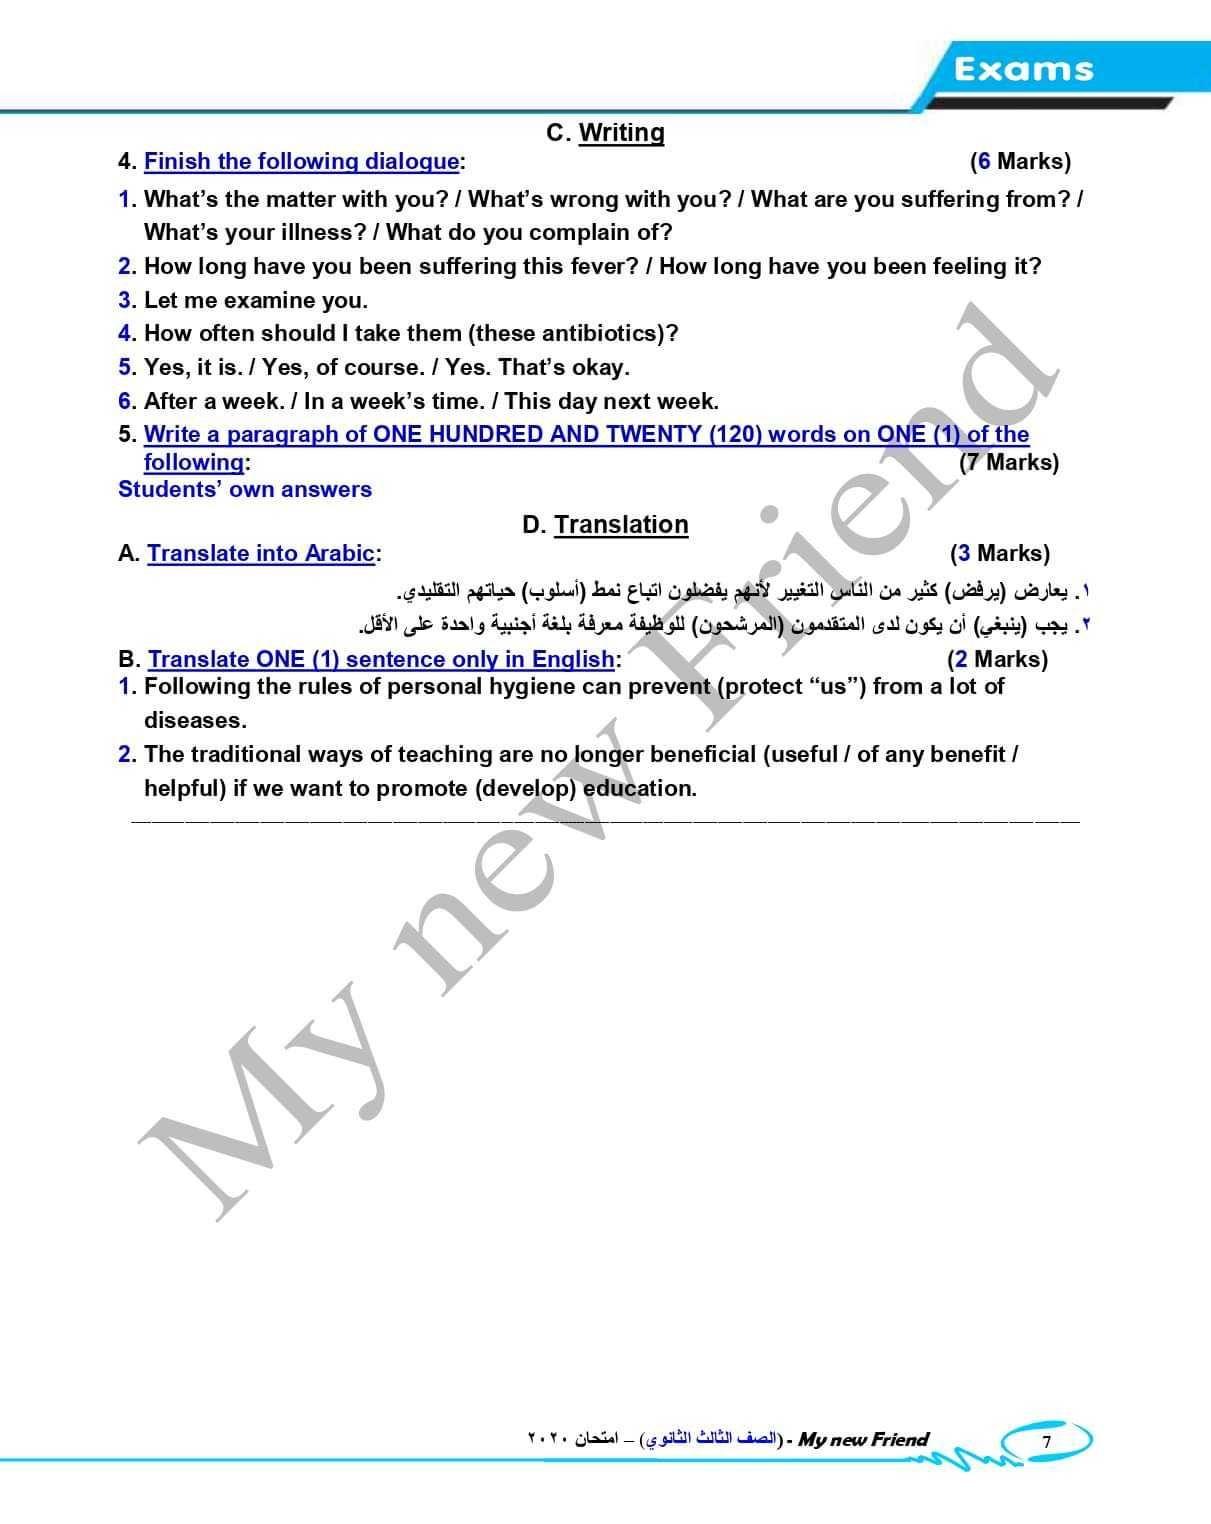 إجابة امتحان اللغه الانجليزية للصف الثالث الثانوي ورق اجابة امتحان الانجليزى للثانوية العامة 2020 Writing Feelings Whats Wrong